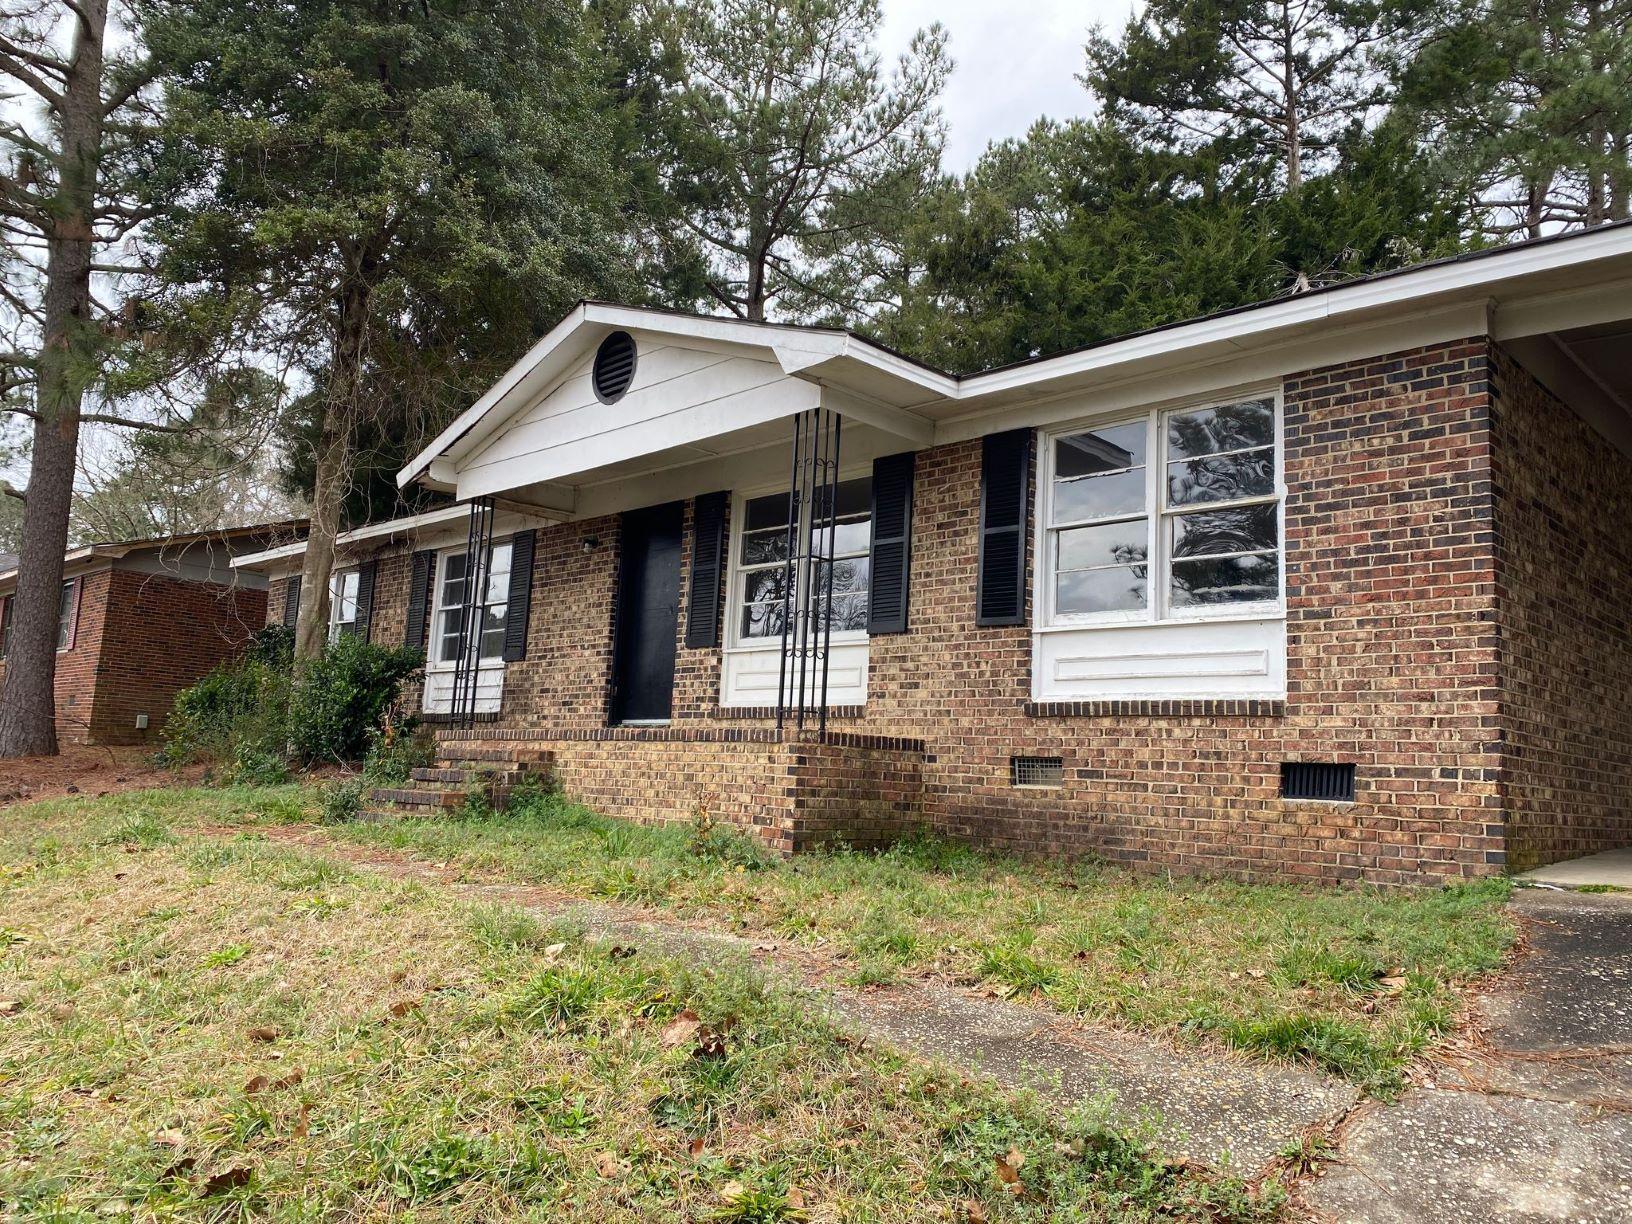 928 Carnegie Dr<br />Fayetteville, NC